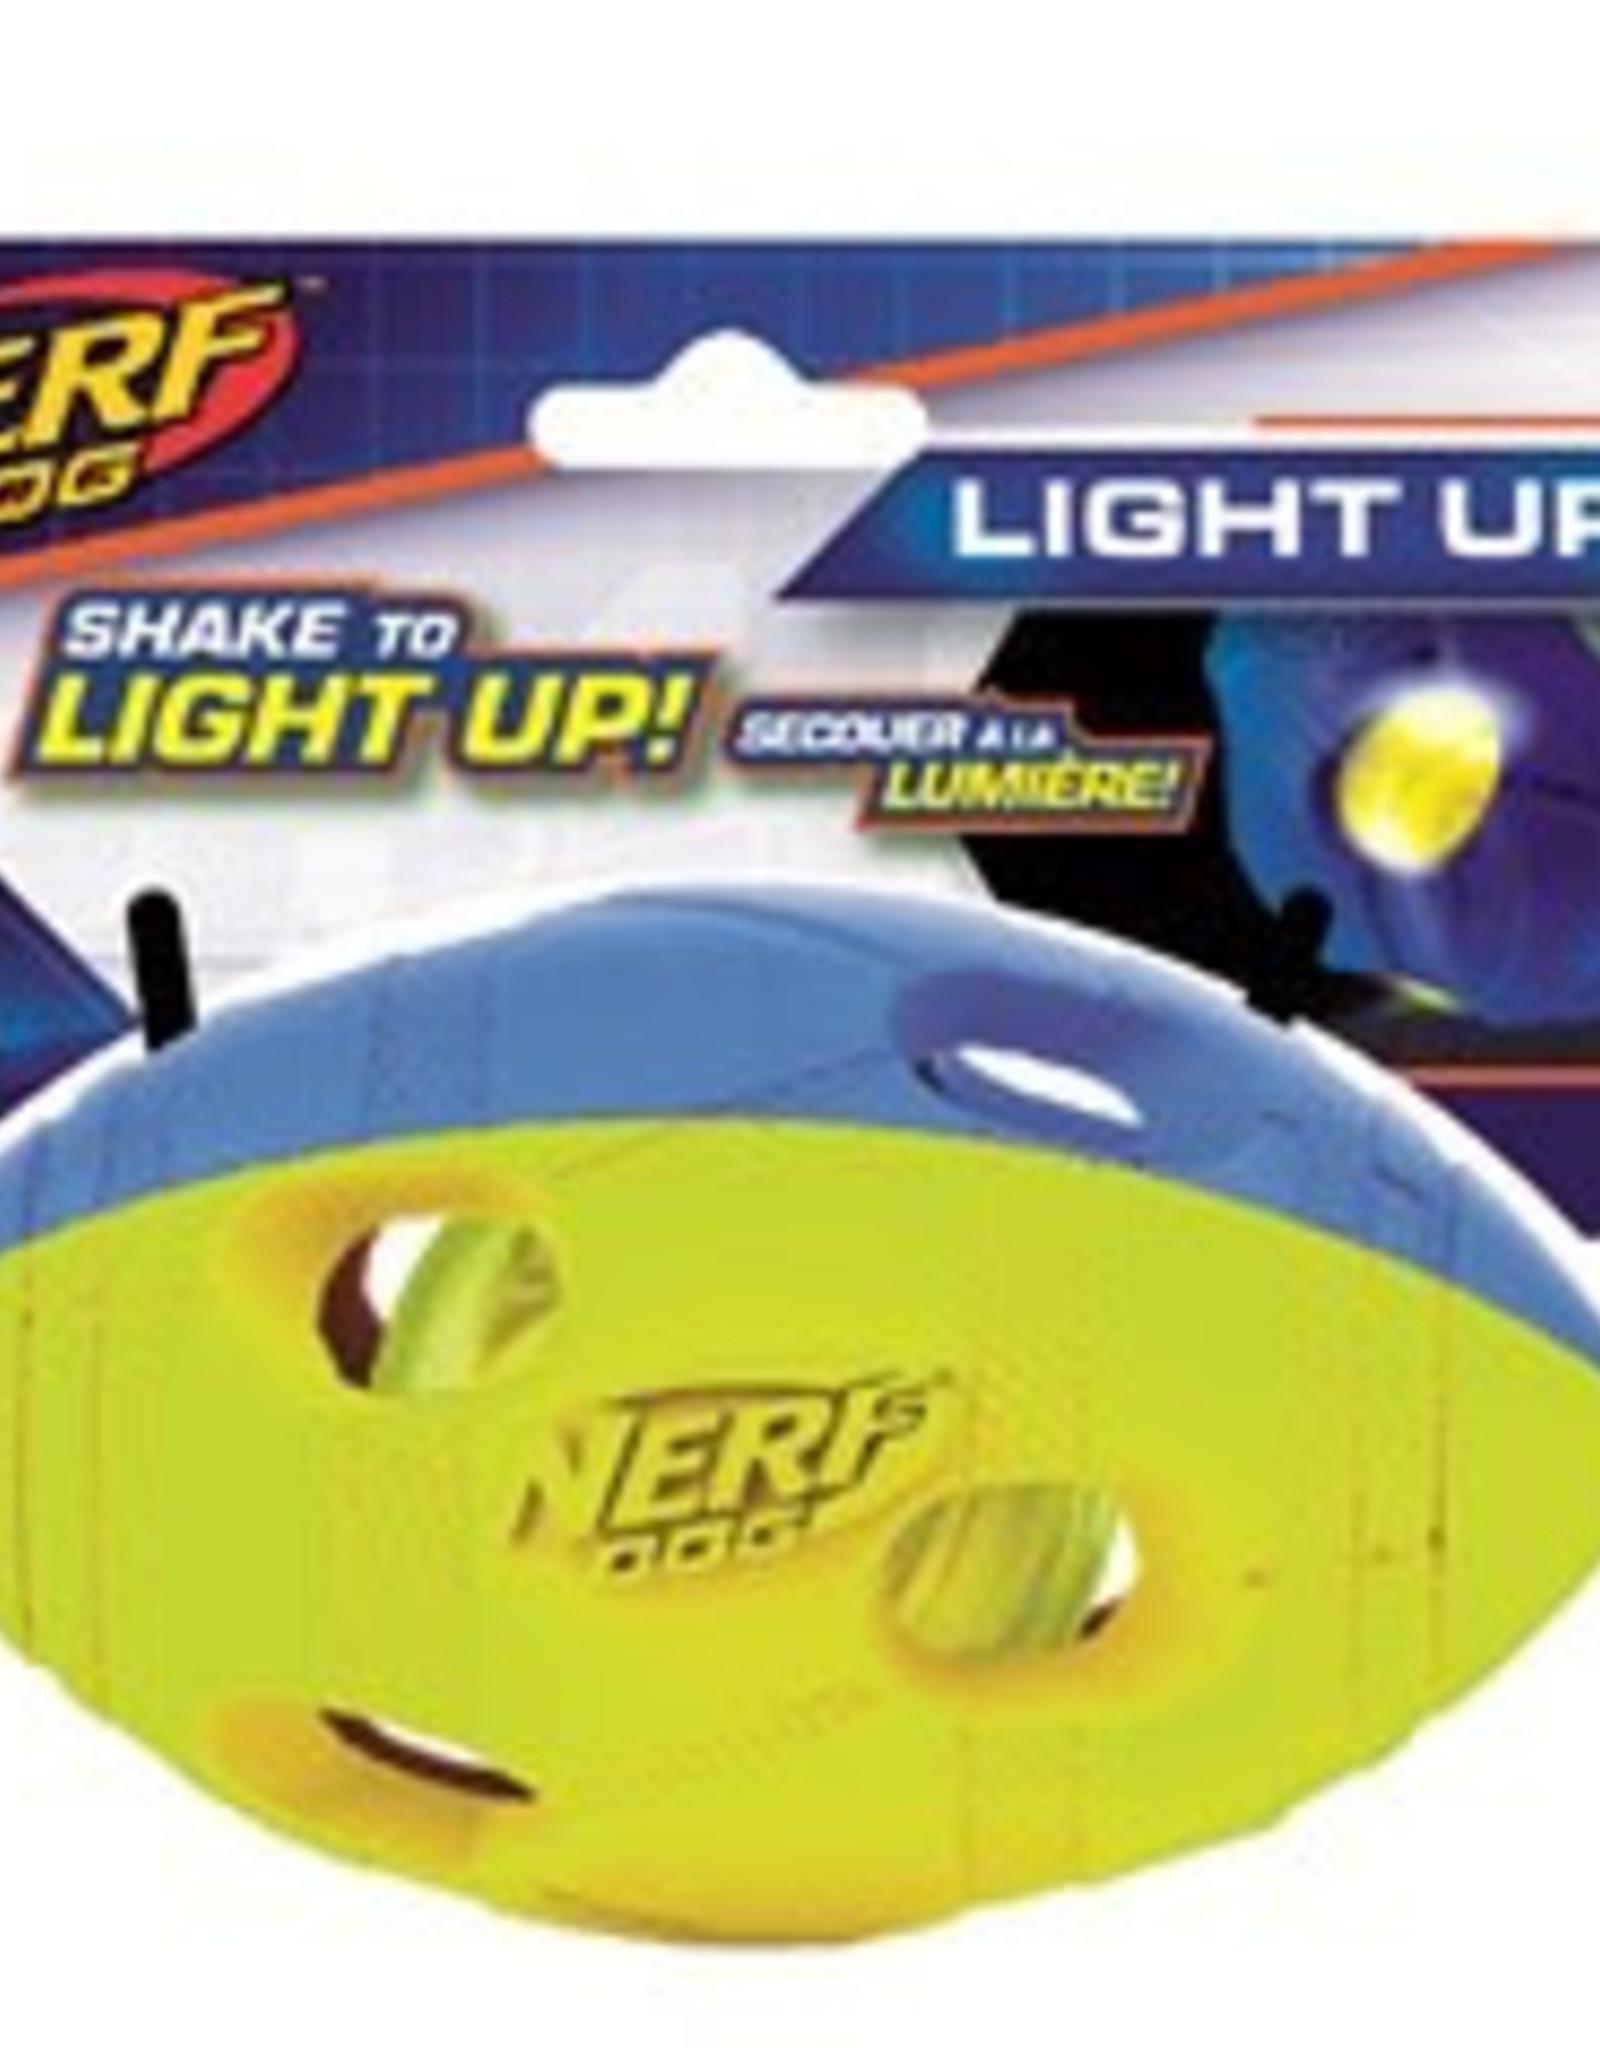 Nerf Dog LED Bash Football Medium Light Up Toy